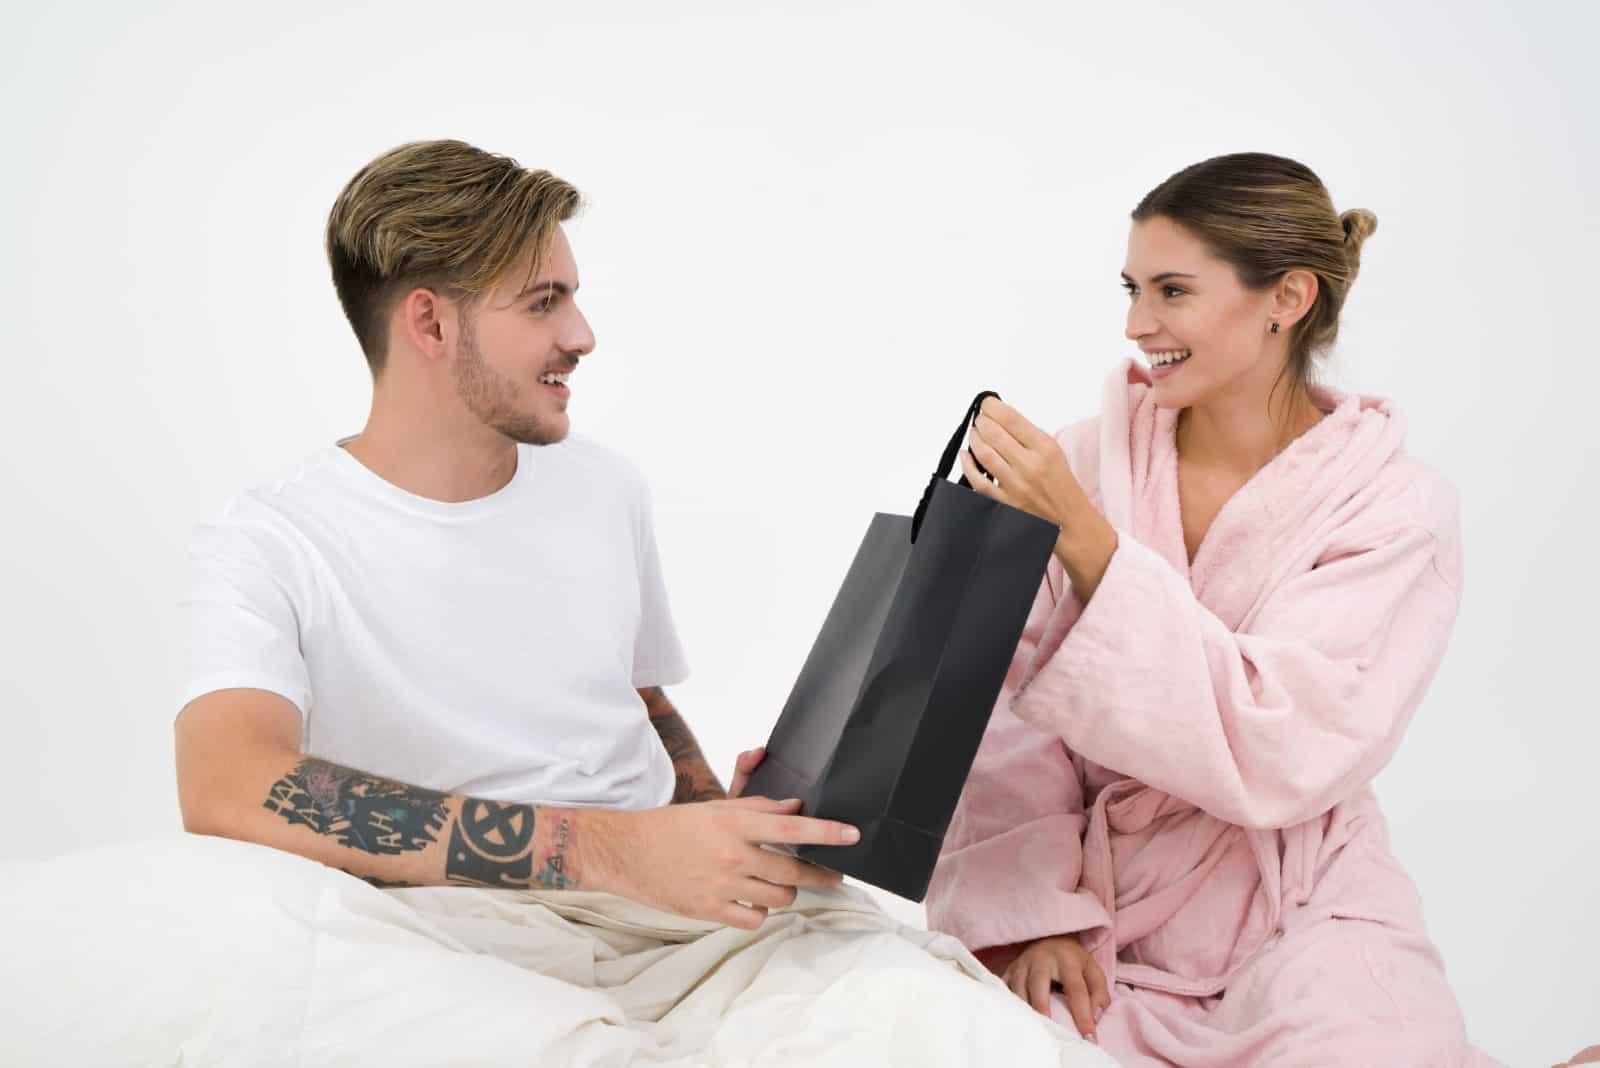 un homme donne un cadeau à une femme alors qu'il est assis près d'un mur